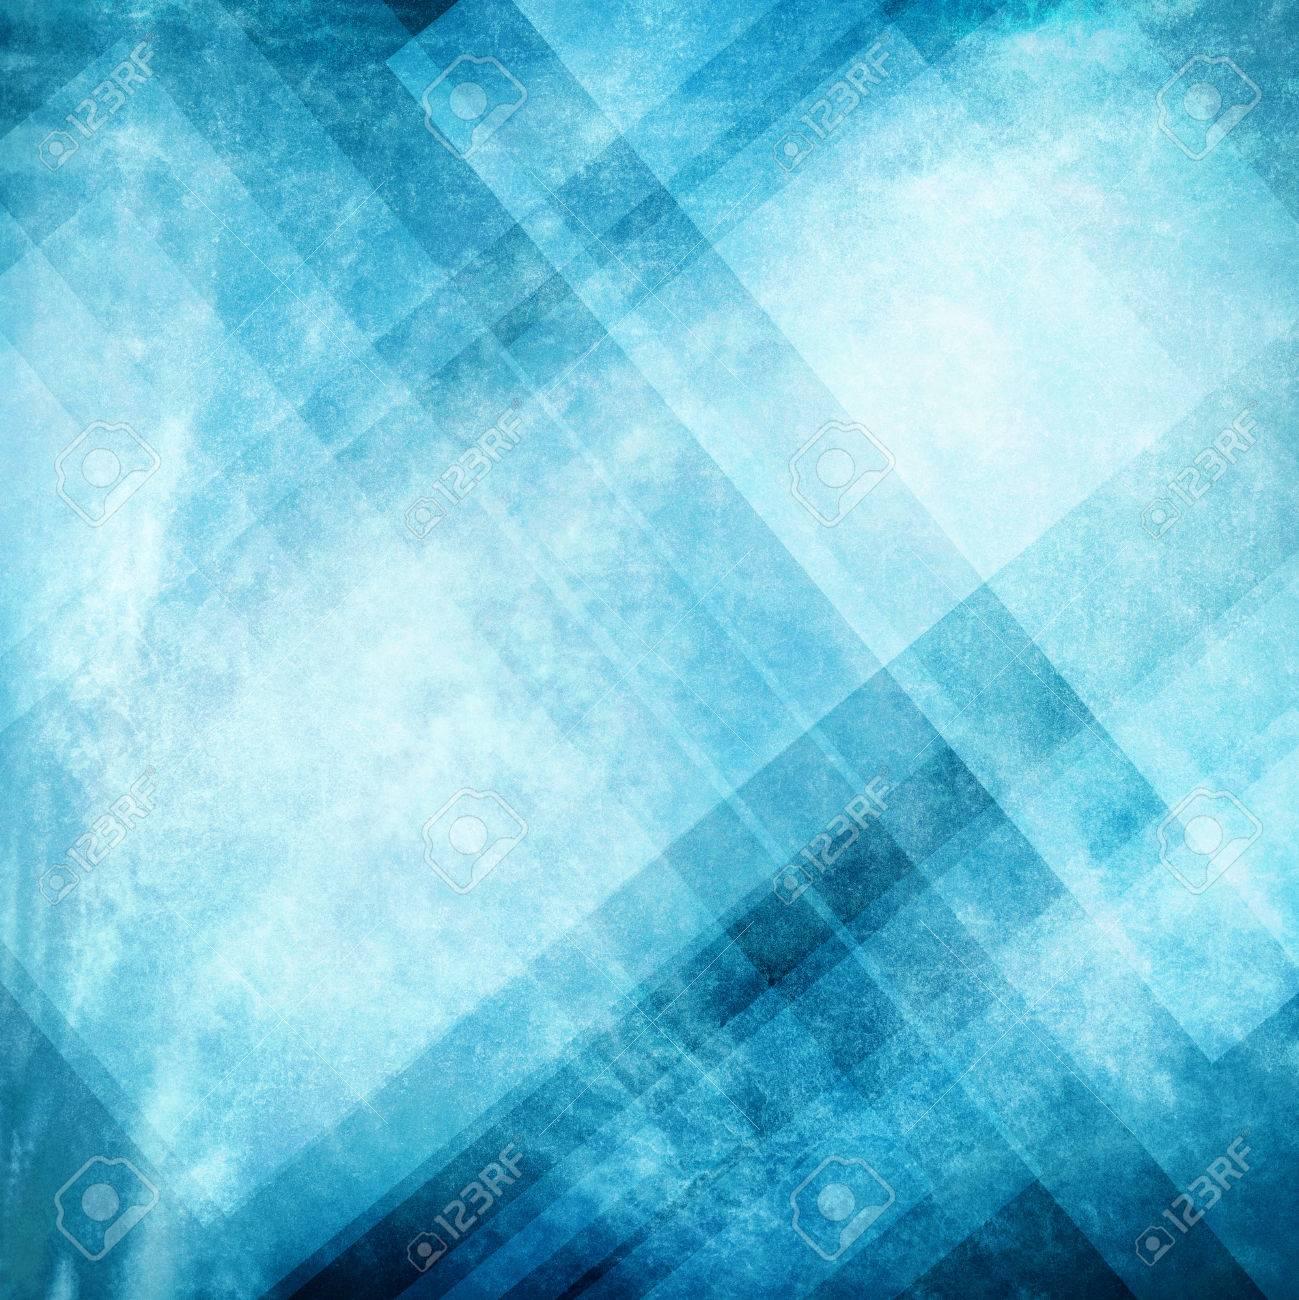 2019 year looks- Grunge blue background photo